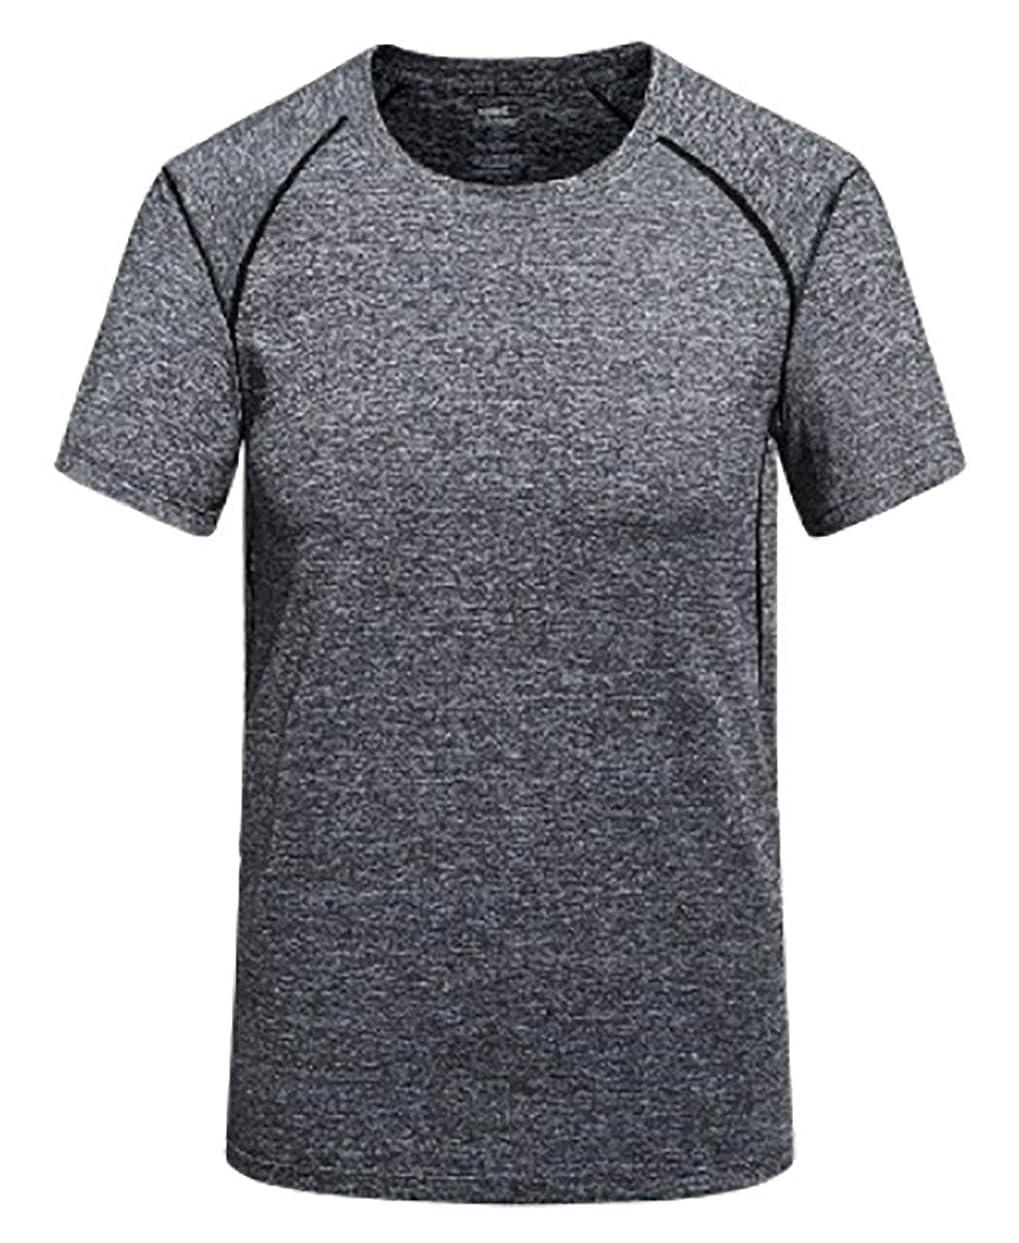 事務所アトミック爬虫類[ジェームズ?スクエア] メンズ 速乾 ドライ Tシャツ スポーツ トレーニング シャツ 半袖